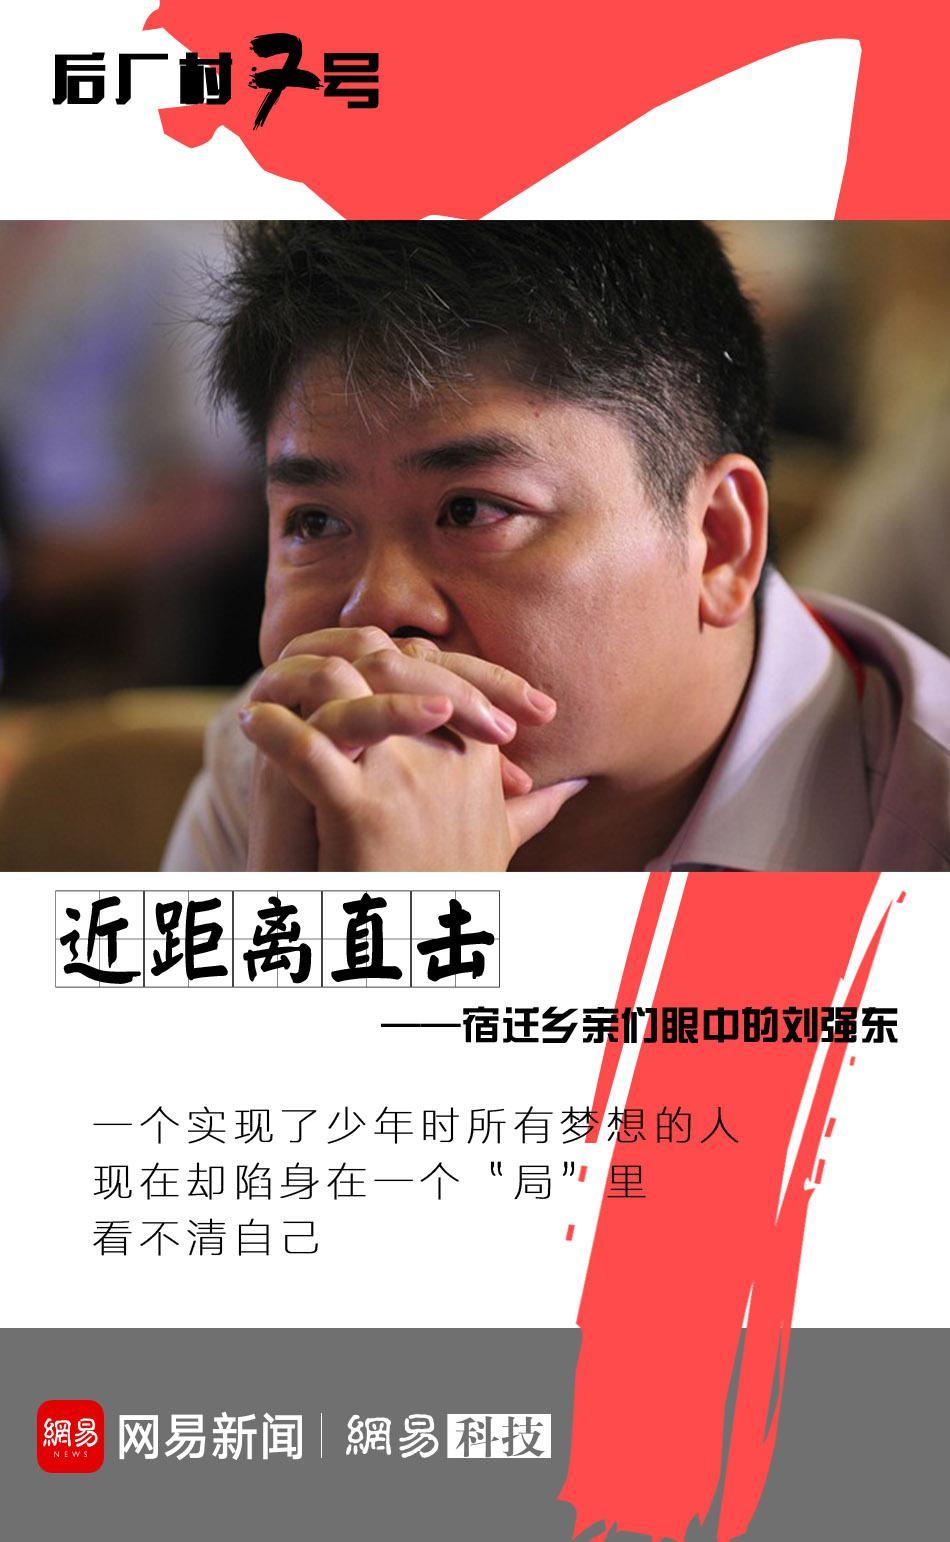 风口浪尖上旳刘强东:乡亲们现在怎么看大强子